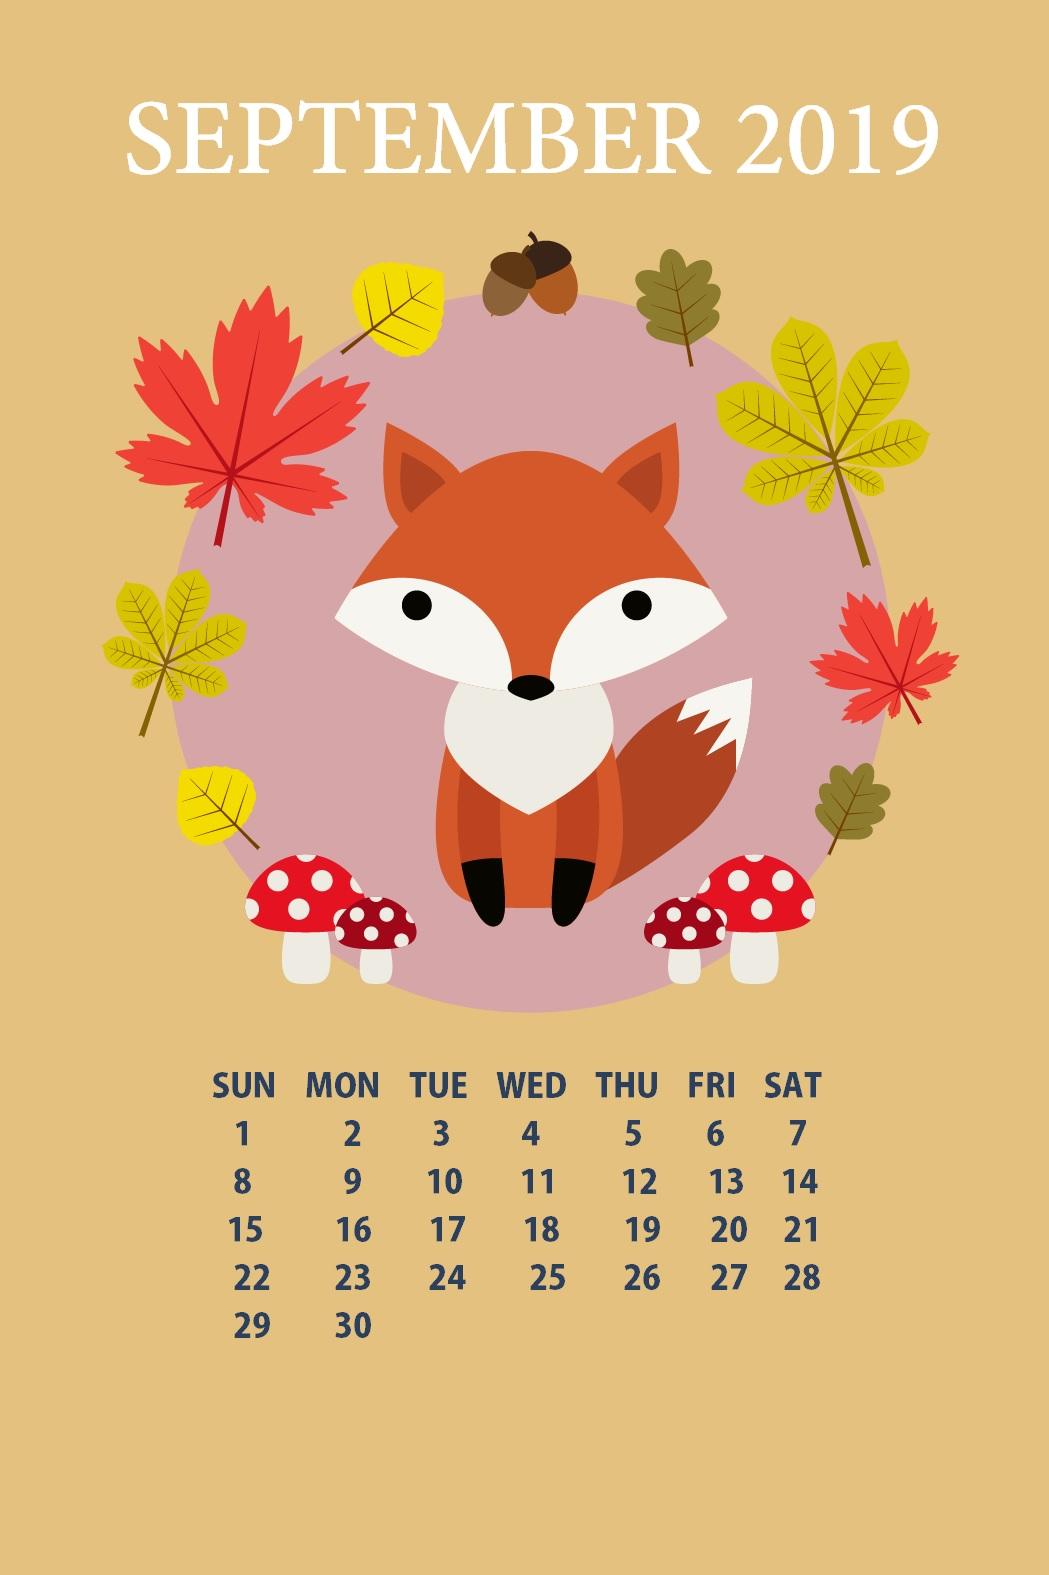 iPhone September 2019 Calendar Wallpaper Max Calendars 1049x1575